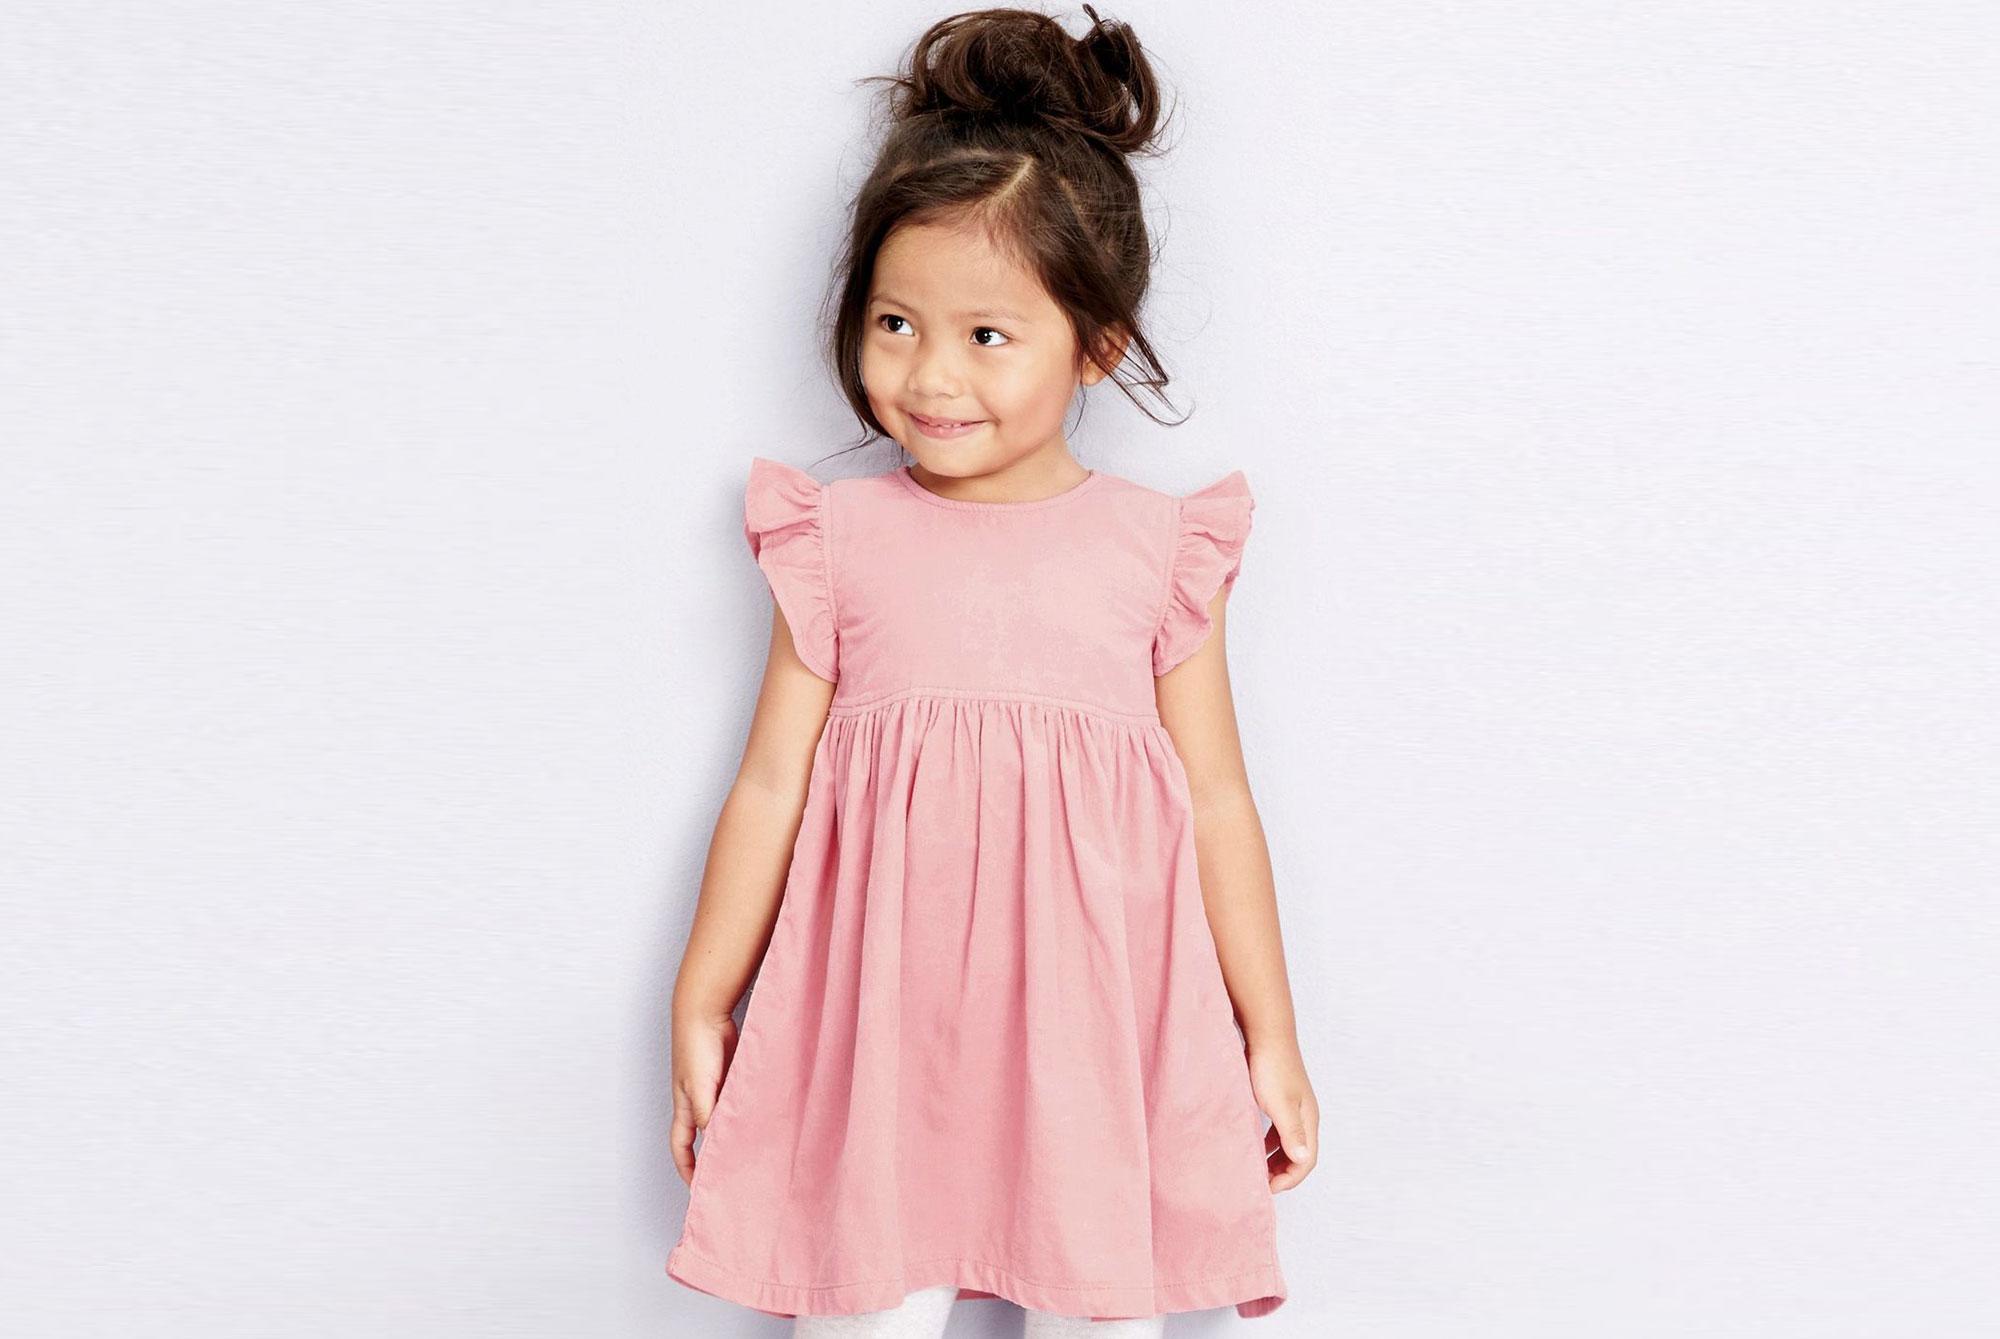 محلات بيع ملابس الأطفال بالجملة